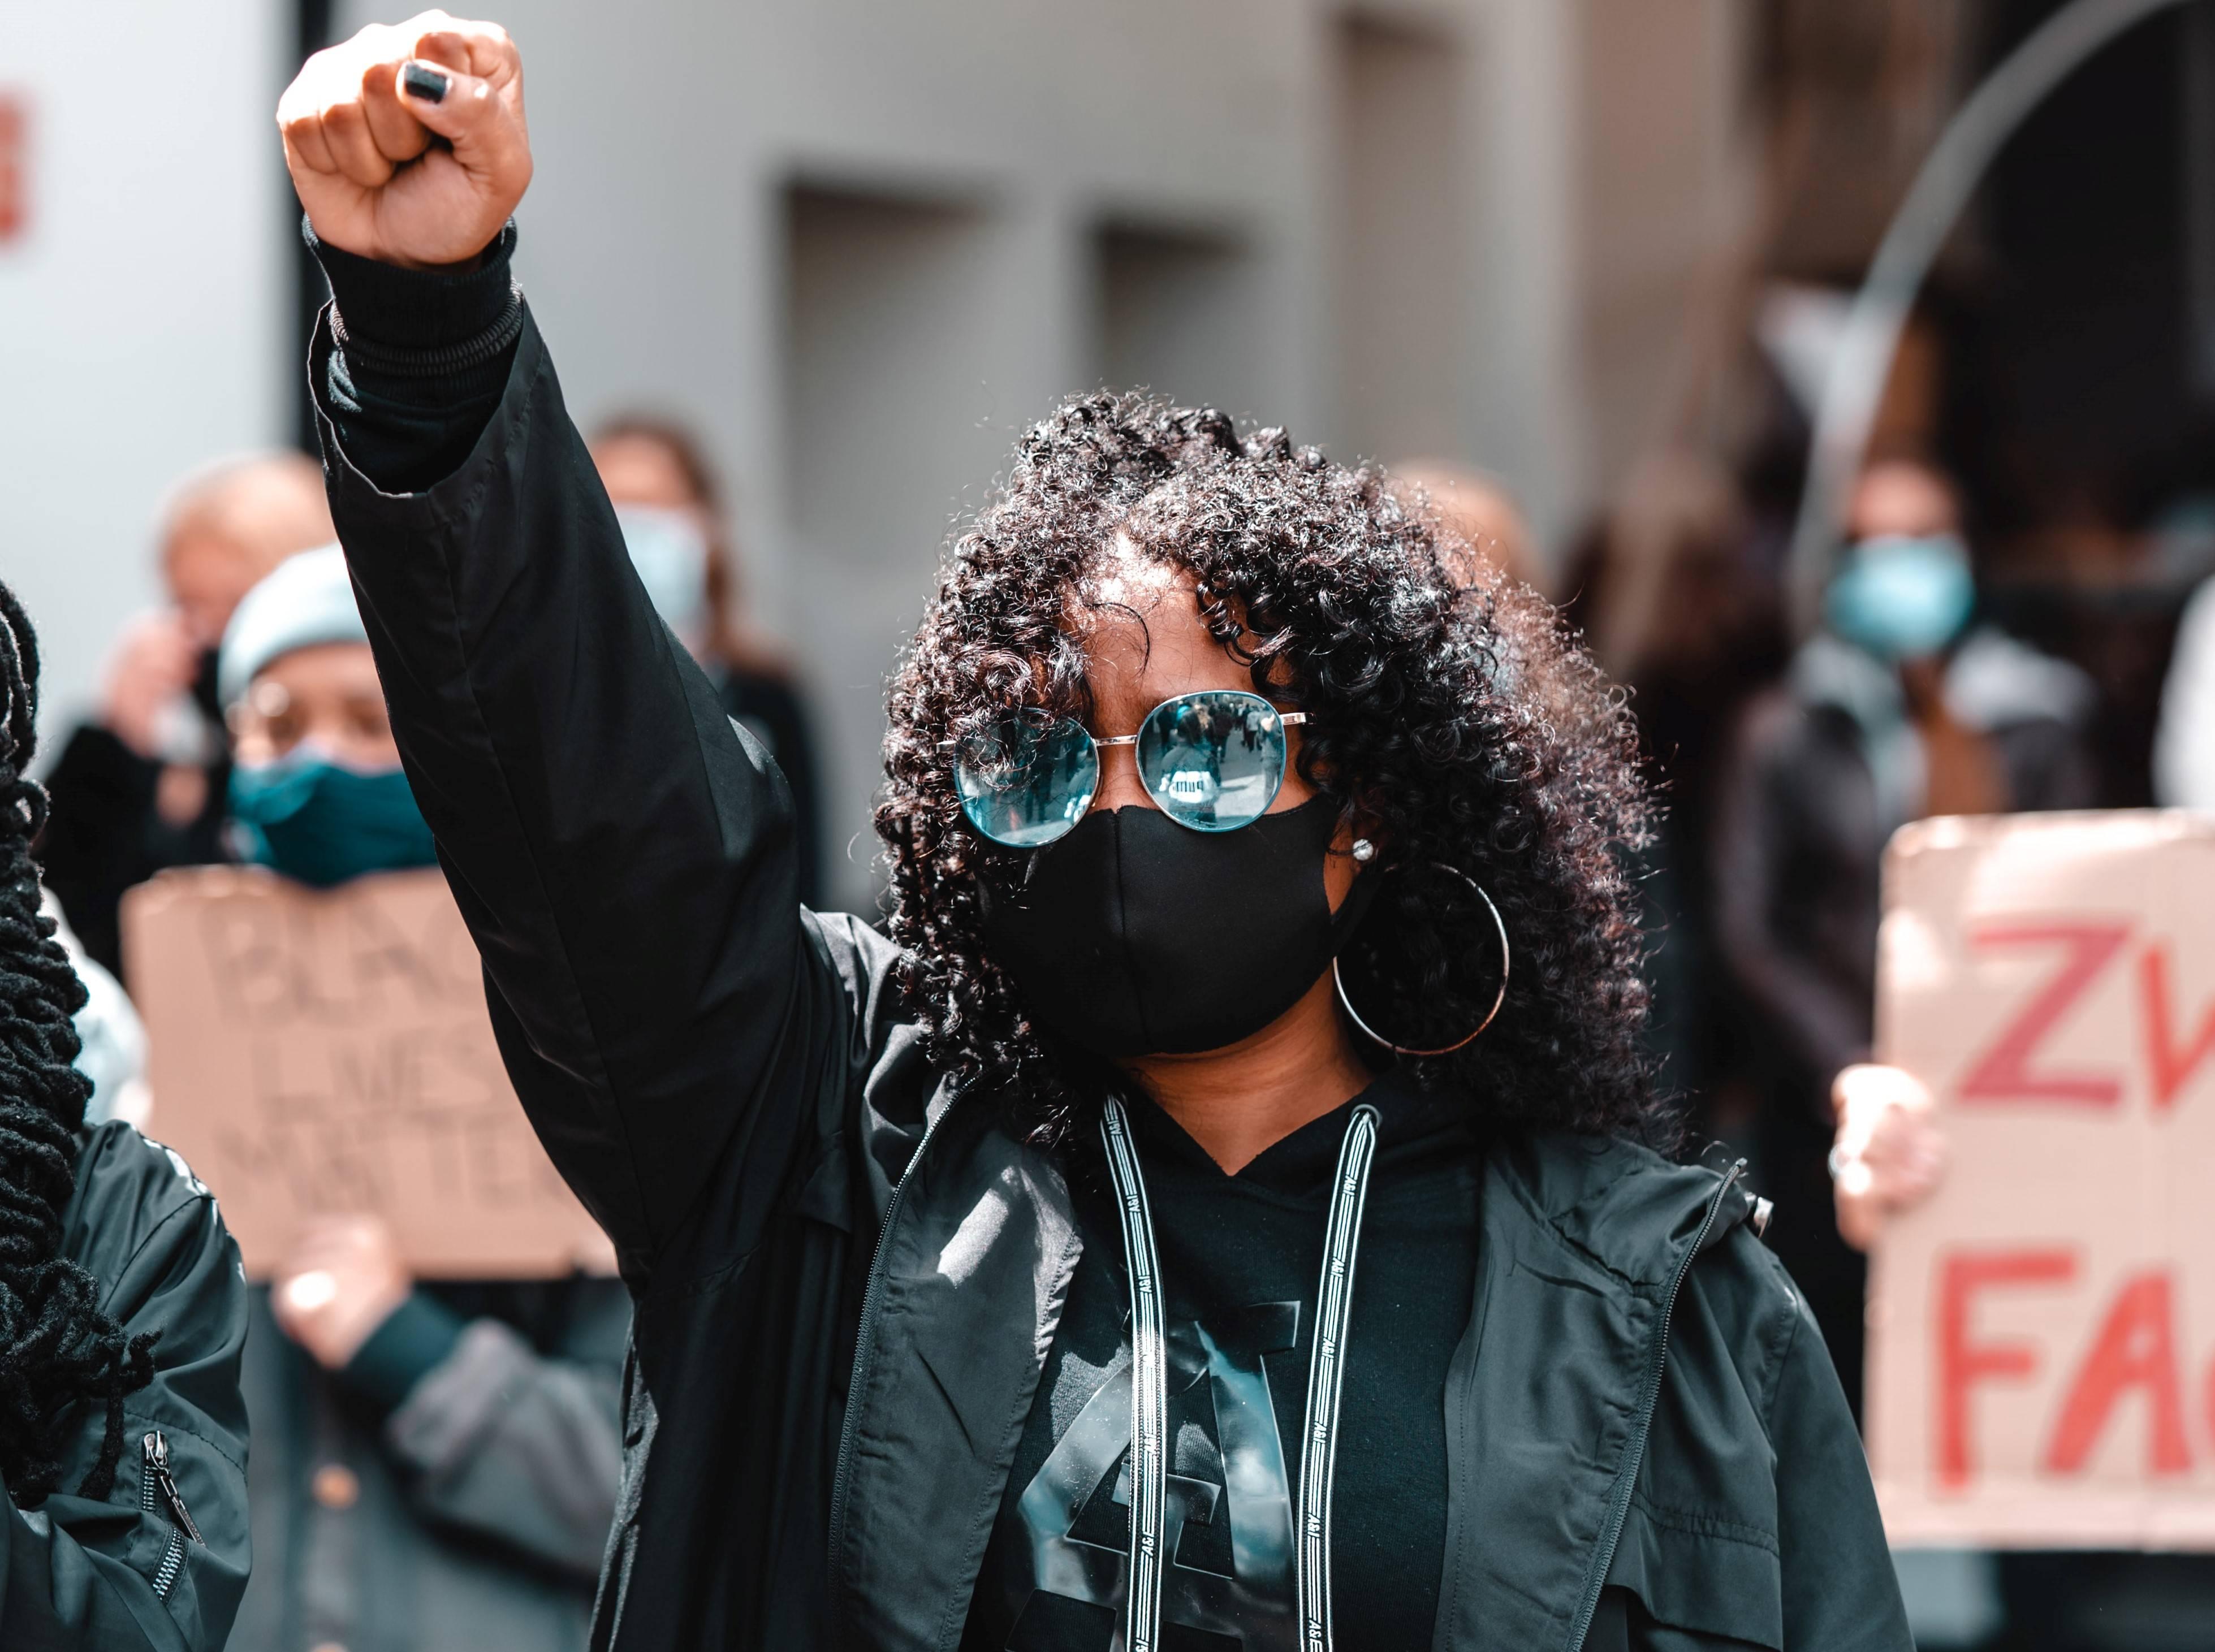 www.juicysantos.com.br - vidas negras importam mulher protesta nos eua